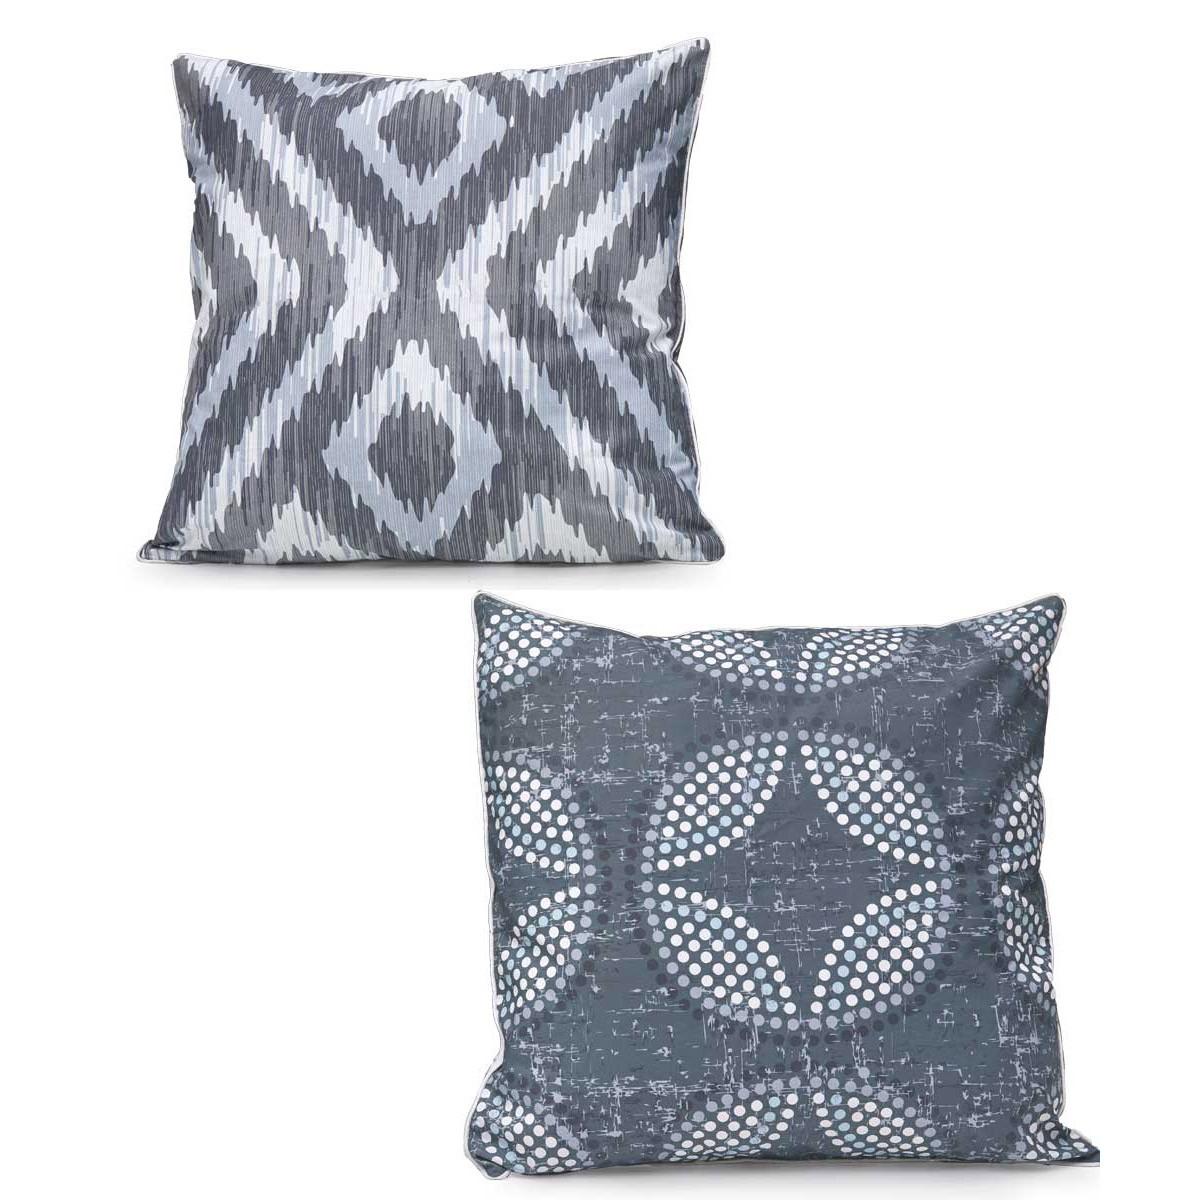 Διακοσμητική Μαξιλαροθήκη 2 Όψεων Kentia Loft 12 home   κρεβατοκάμαρα   διακοσμητικά μαξιλάρια